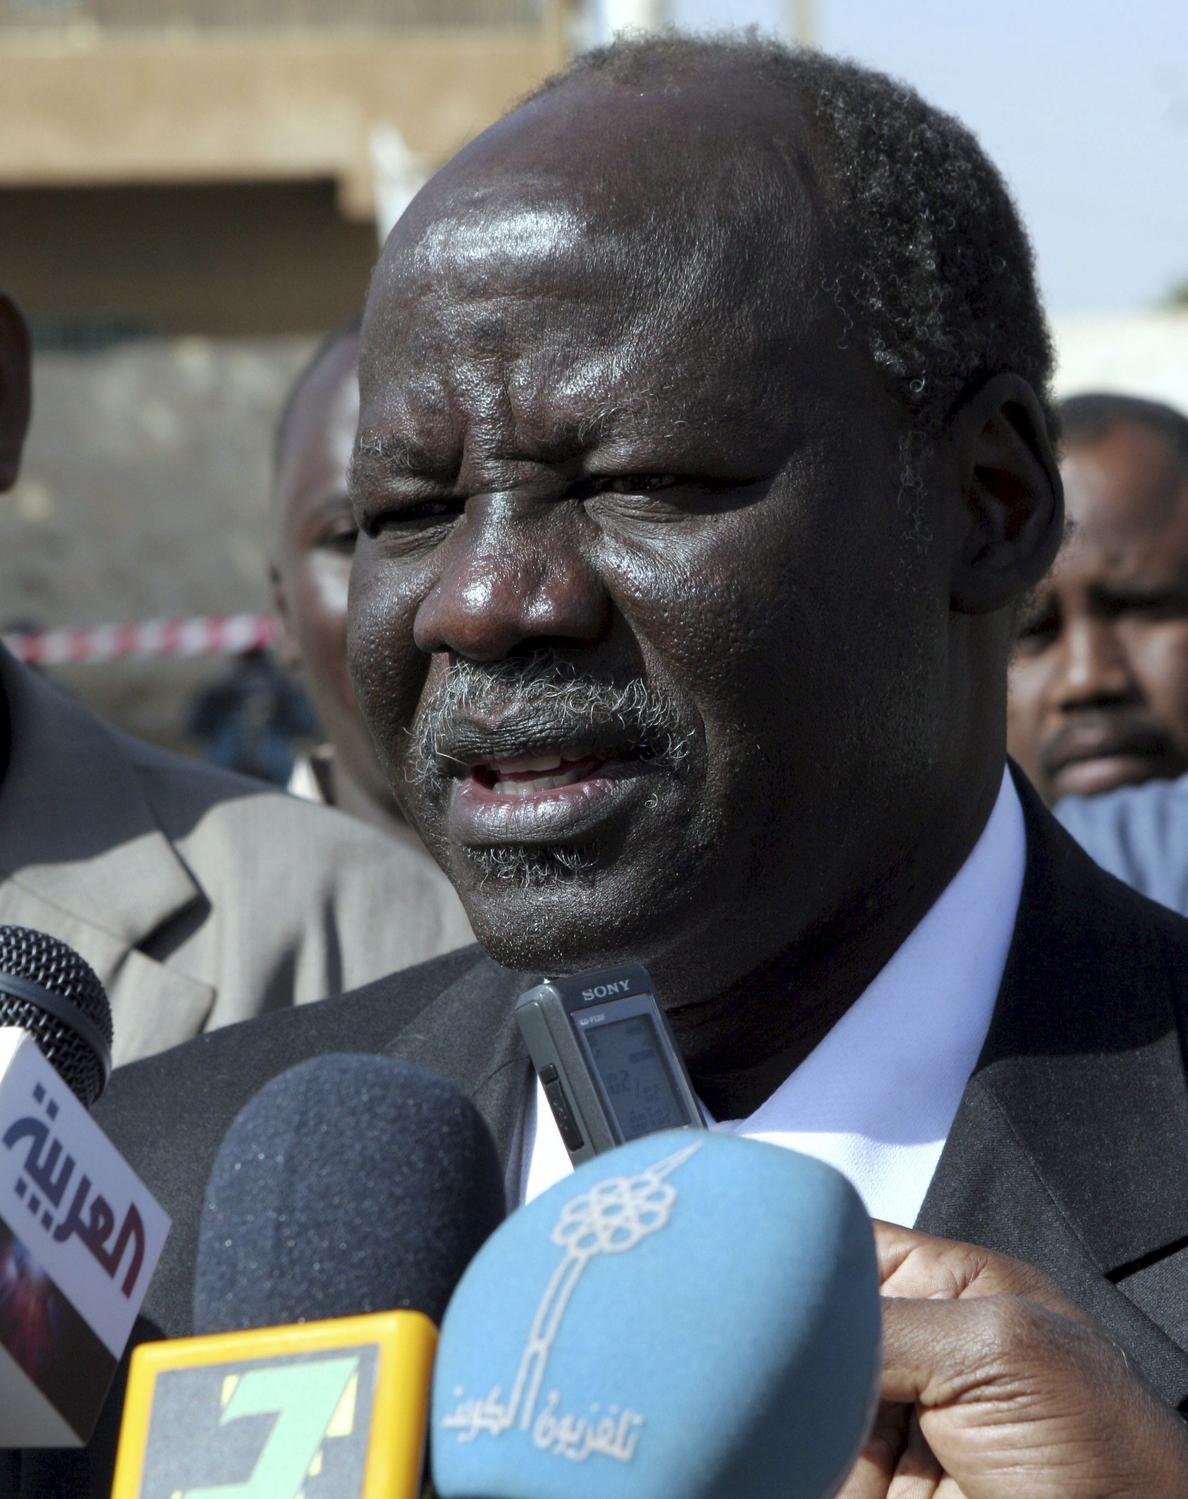 El líder opositor sursudanés pide la formación de un Gobierno interino para 3 años